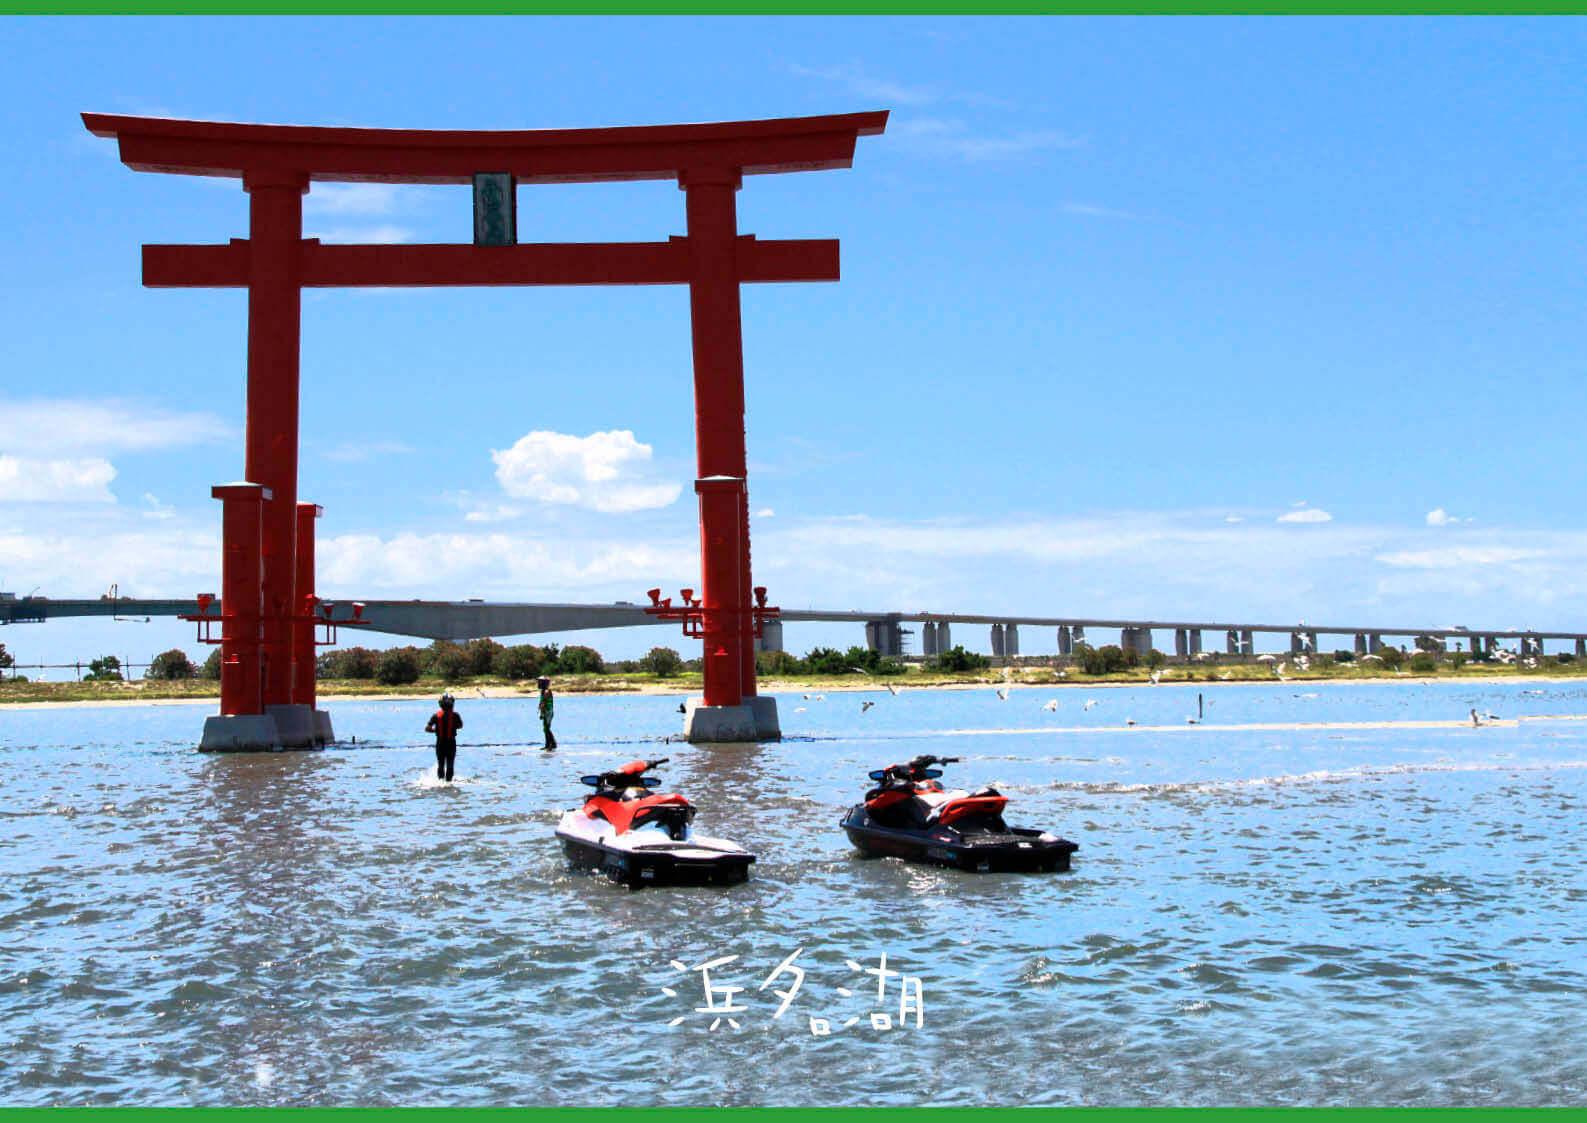 浜名湖で迷惑遊走が横行!? 水上バイクが悪いと言われないうに‼ ジェットスキー(水上バイク)